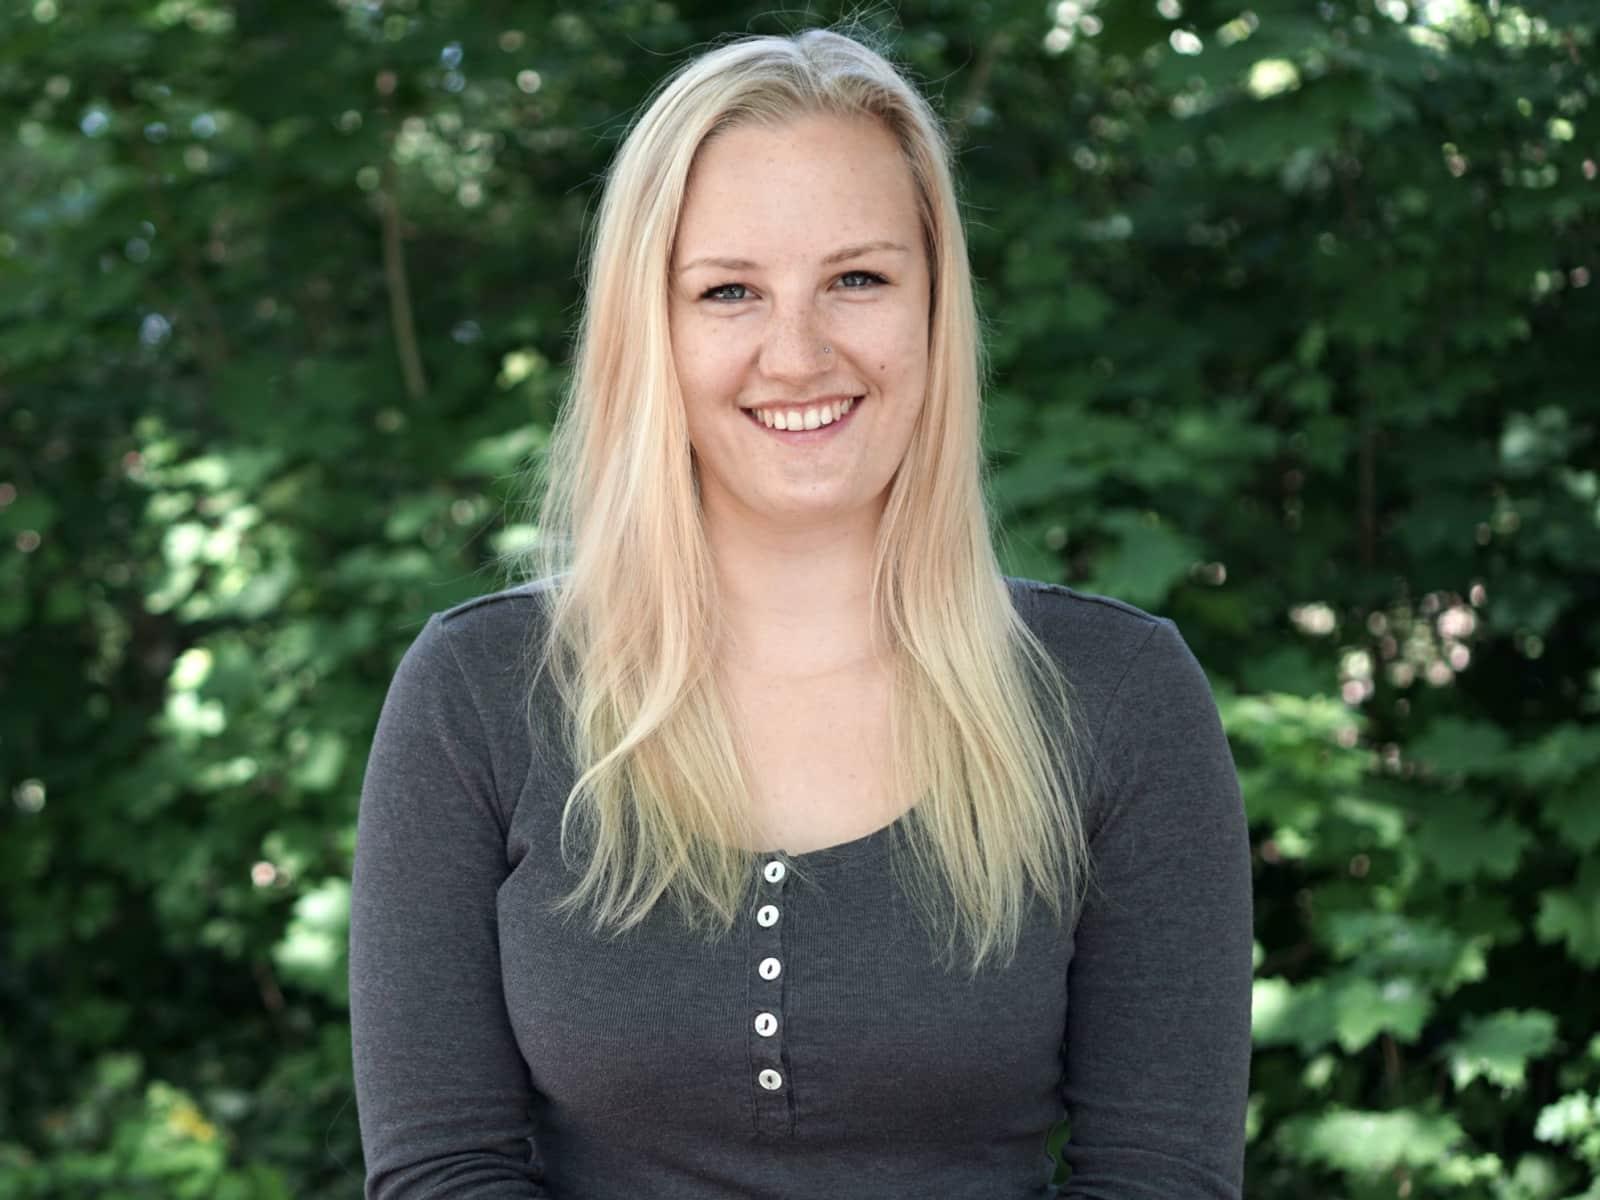 Kalina from Berlin, Germany